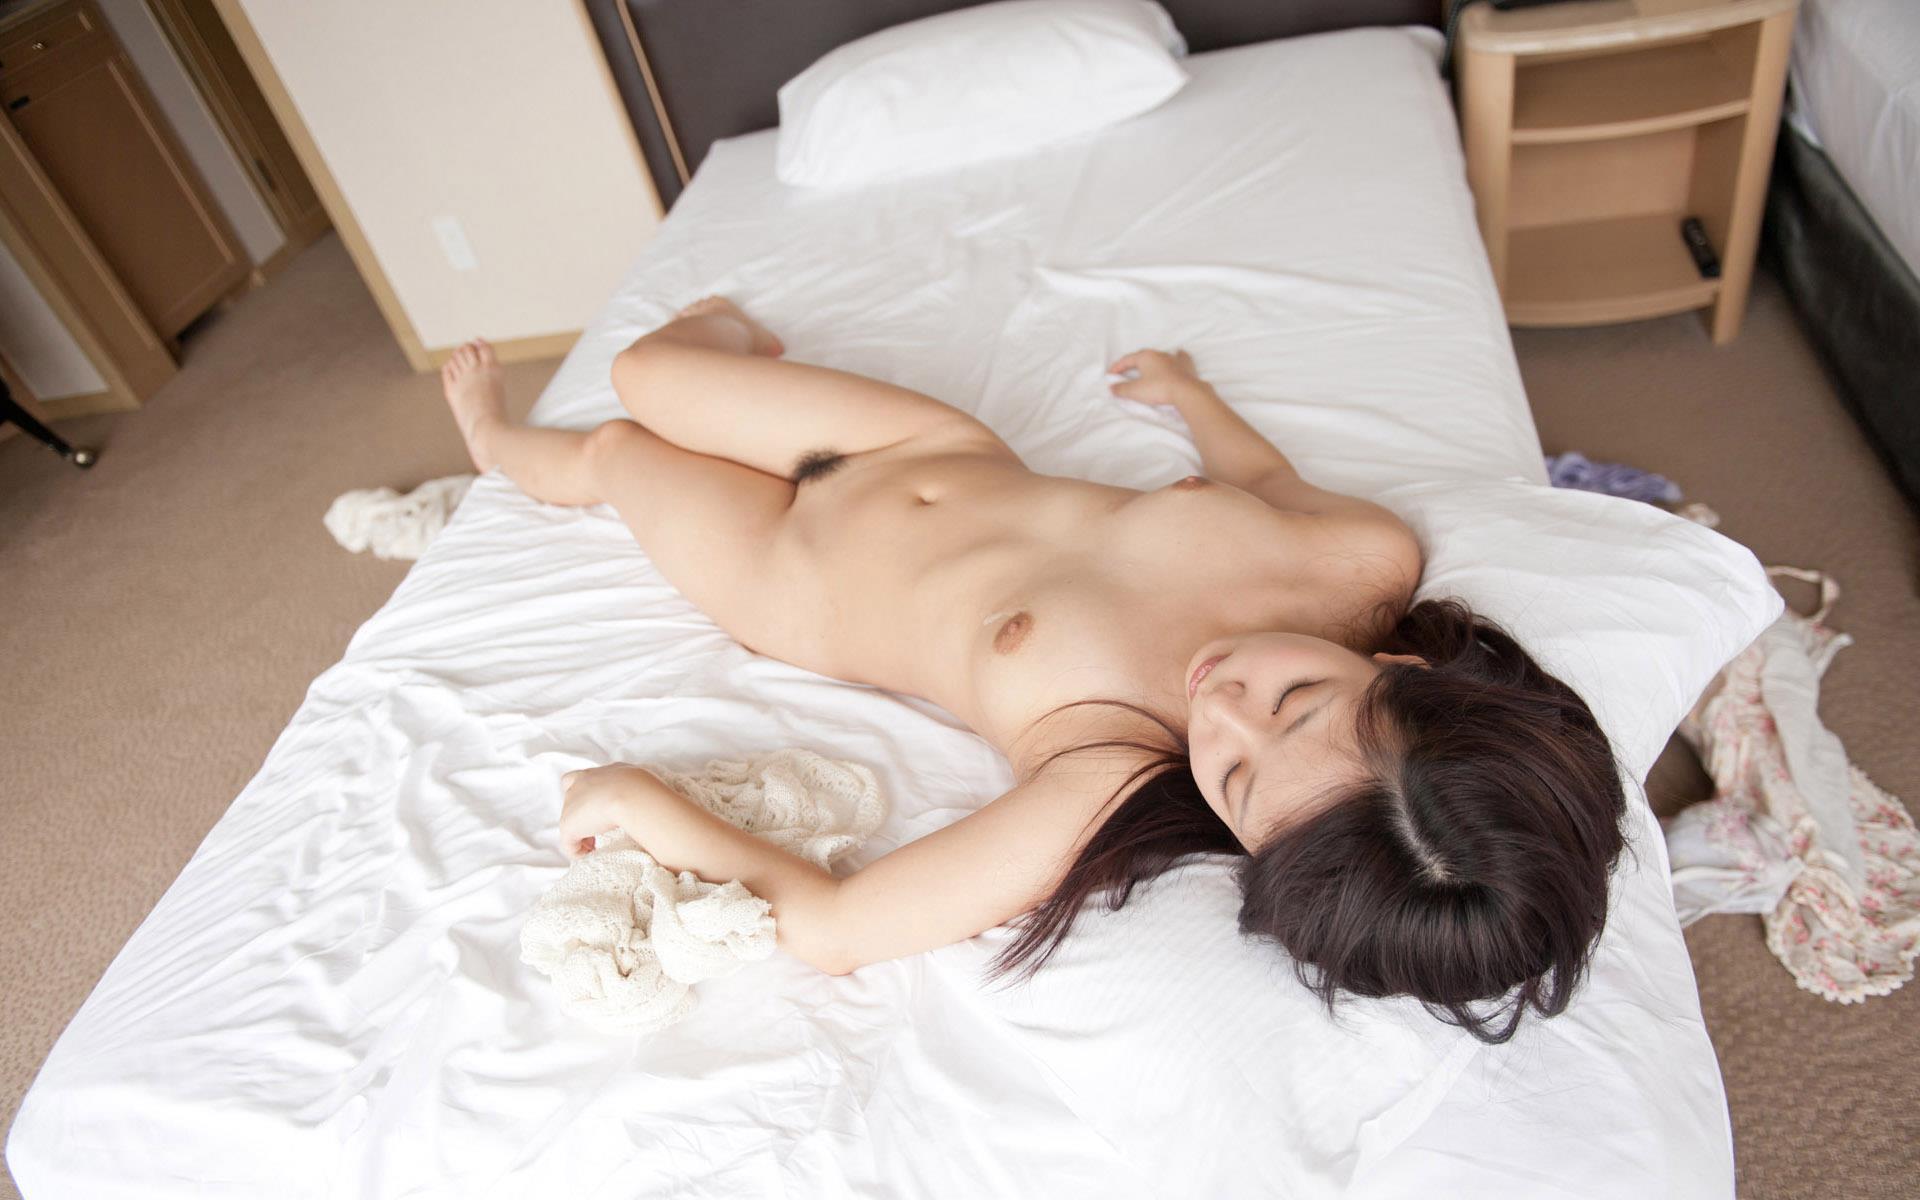 【無修正・個人撮影】不倫旅行で訪れた旅館で人妻に浴衣を